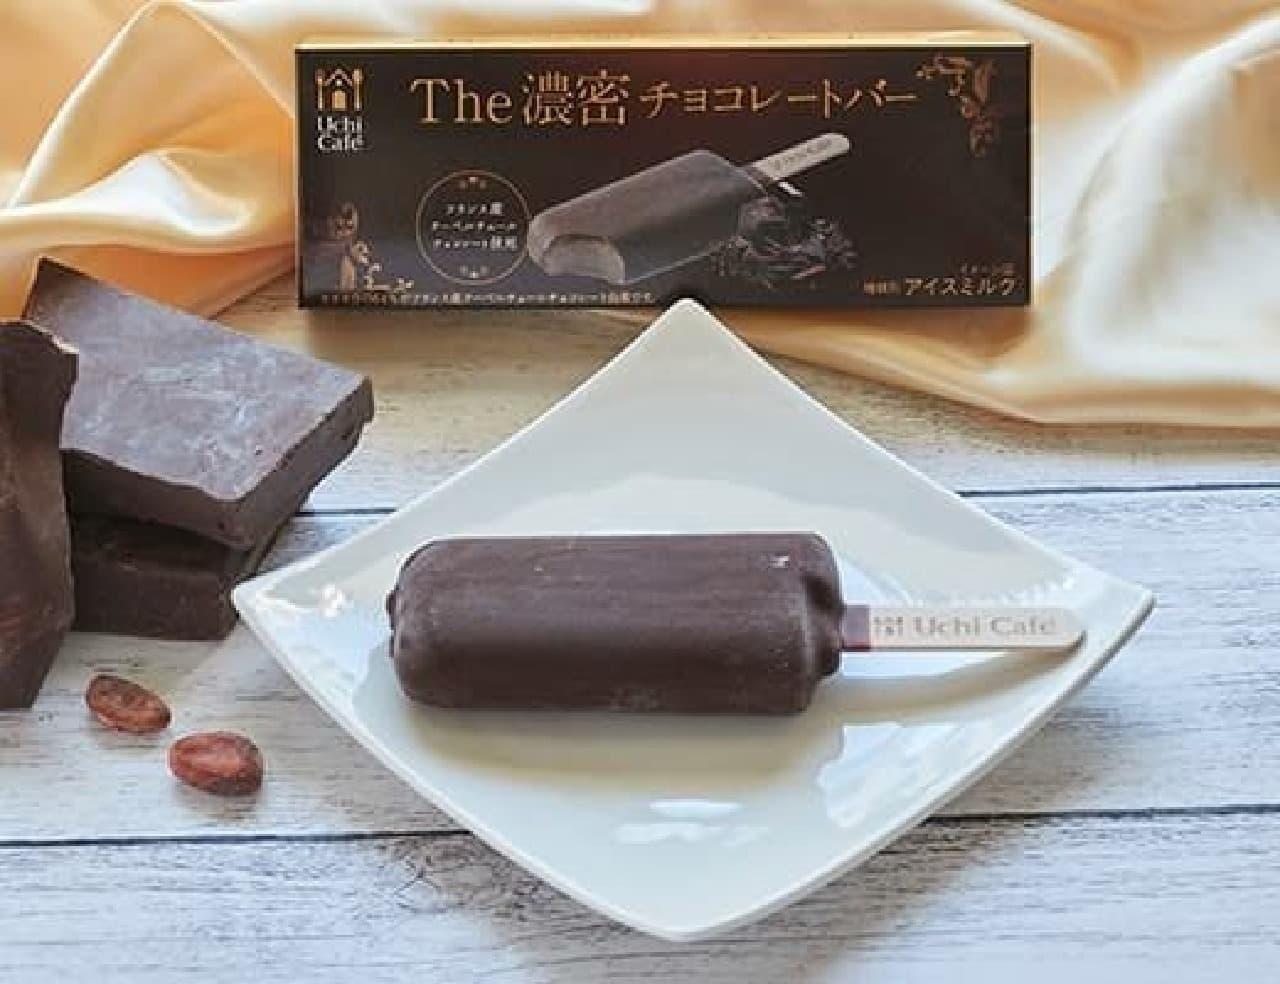 ローソン「ウチカフェ The濃密チョコレートバー 70ml」